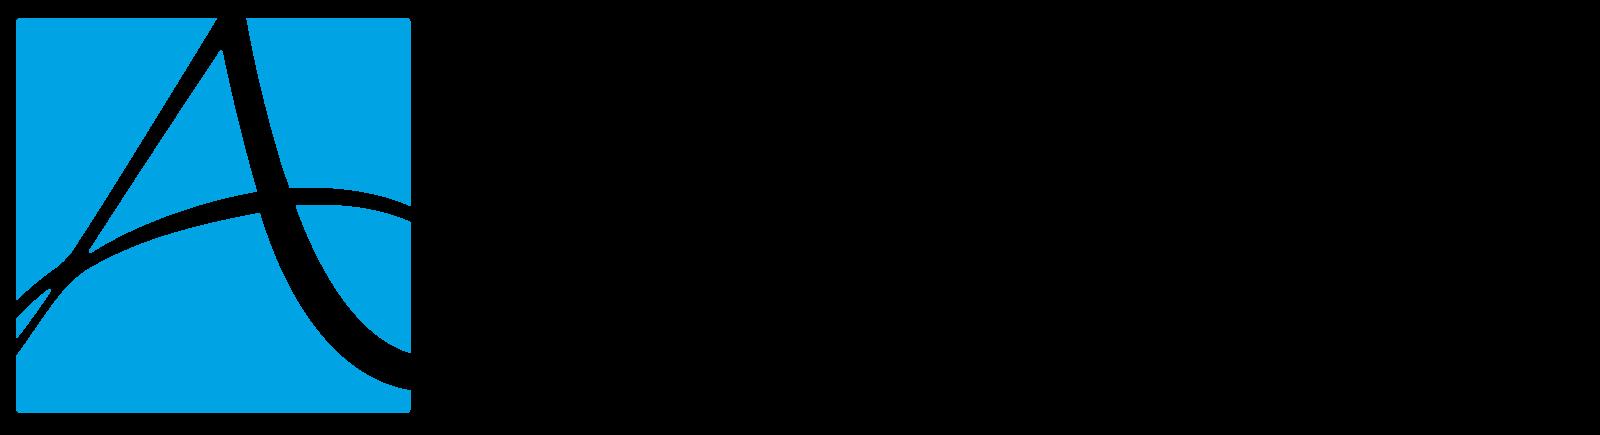 Avamere Rehabilitation of Oregon City Logo